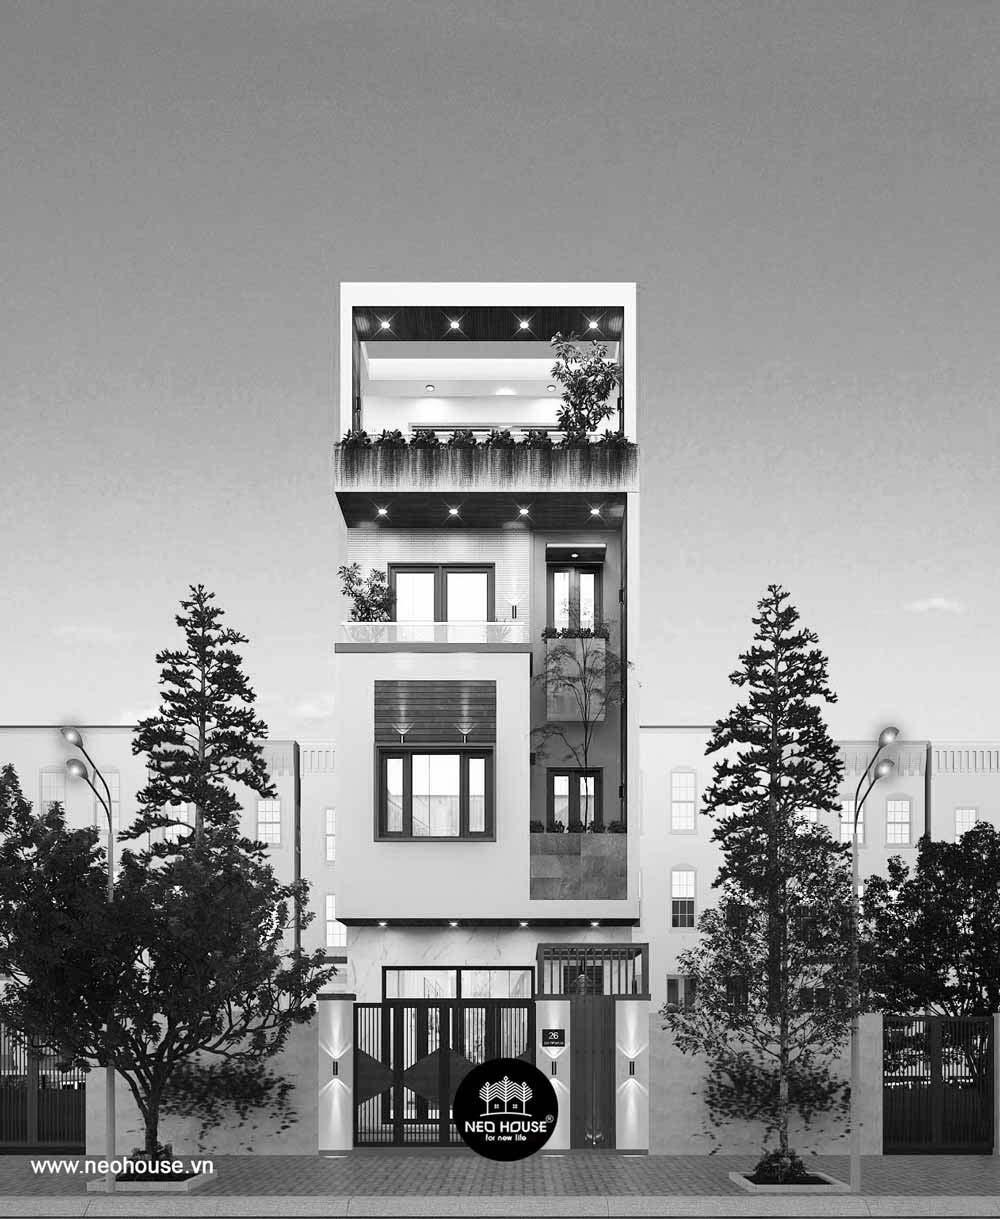 Nhà phố 4 tầng hiện đại. Ảnh 2